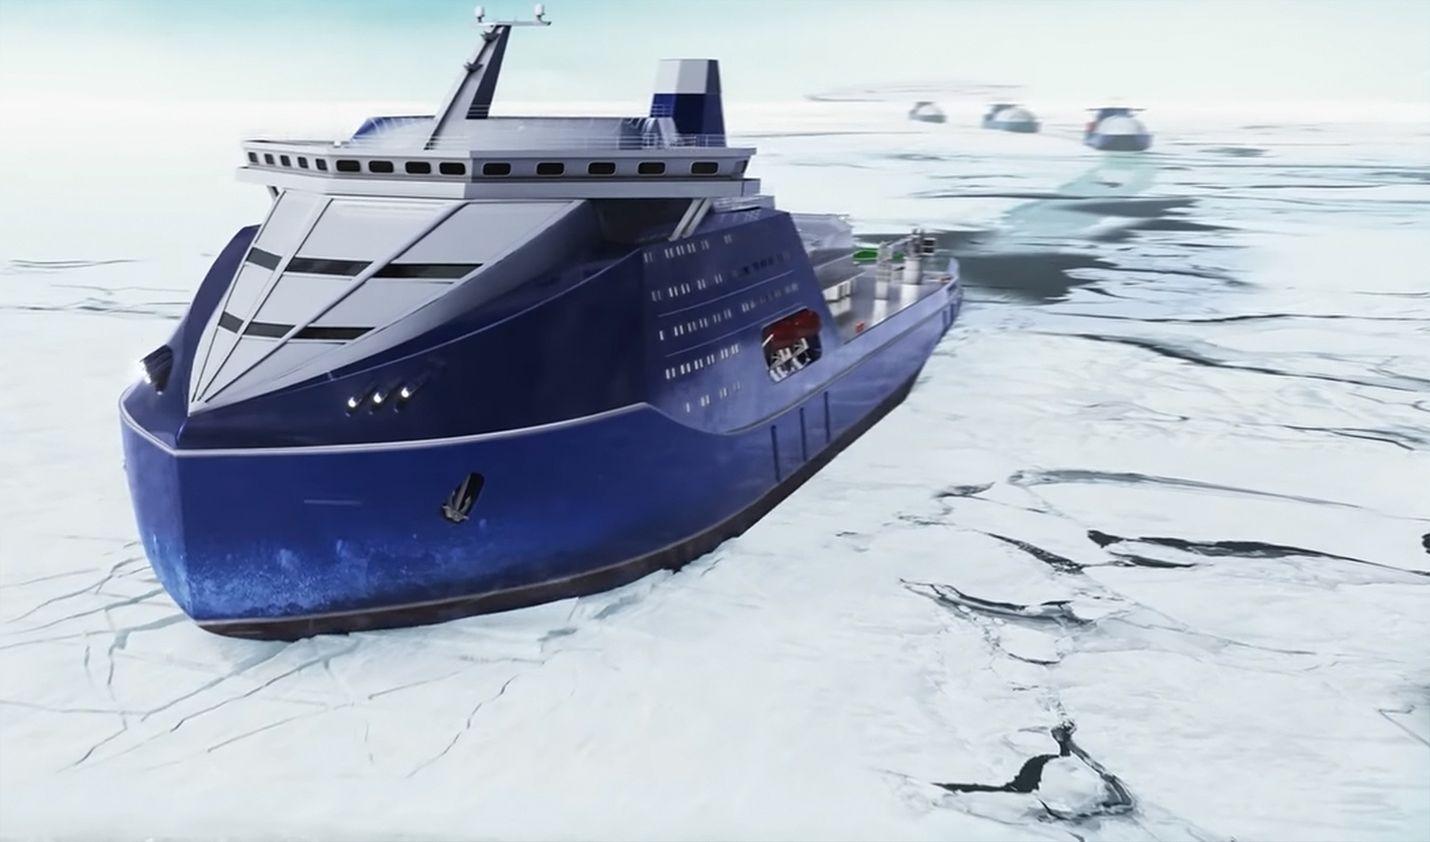 Lider-jäänmurtajan luvataan avaavan 50-metristä väylää yli nelimetriseen arktiseen jäähän. Alus on suurempi kuin esimerkiksi Viking Grace. Havainnekuvissakin alus näyttää nyt selvästi aiempaa vähemmän tieteiselokuvalta. Kuvakaappaus Rosatomin esittelyvideosta.